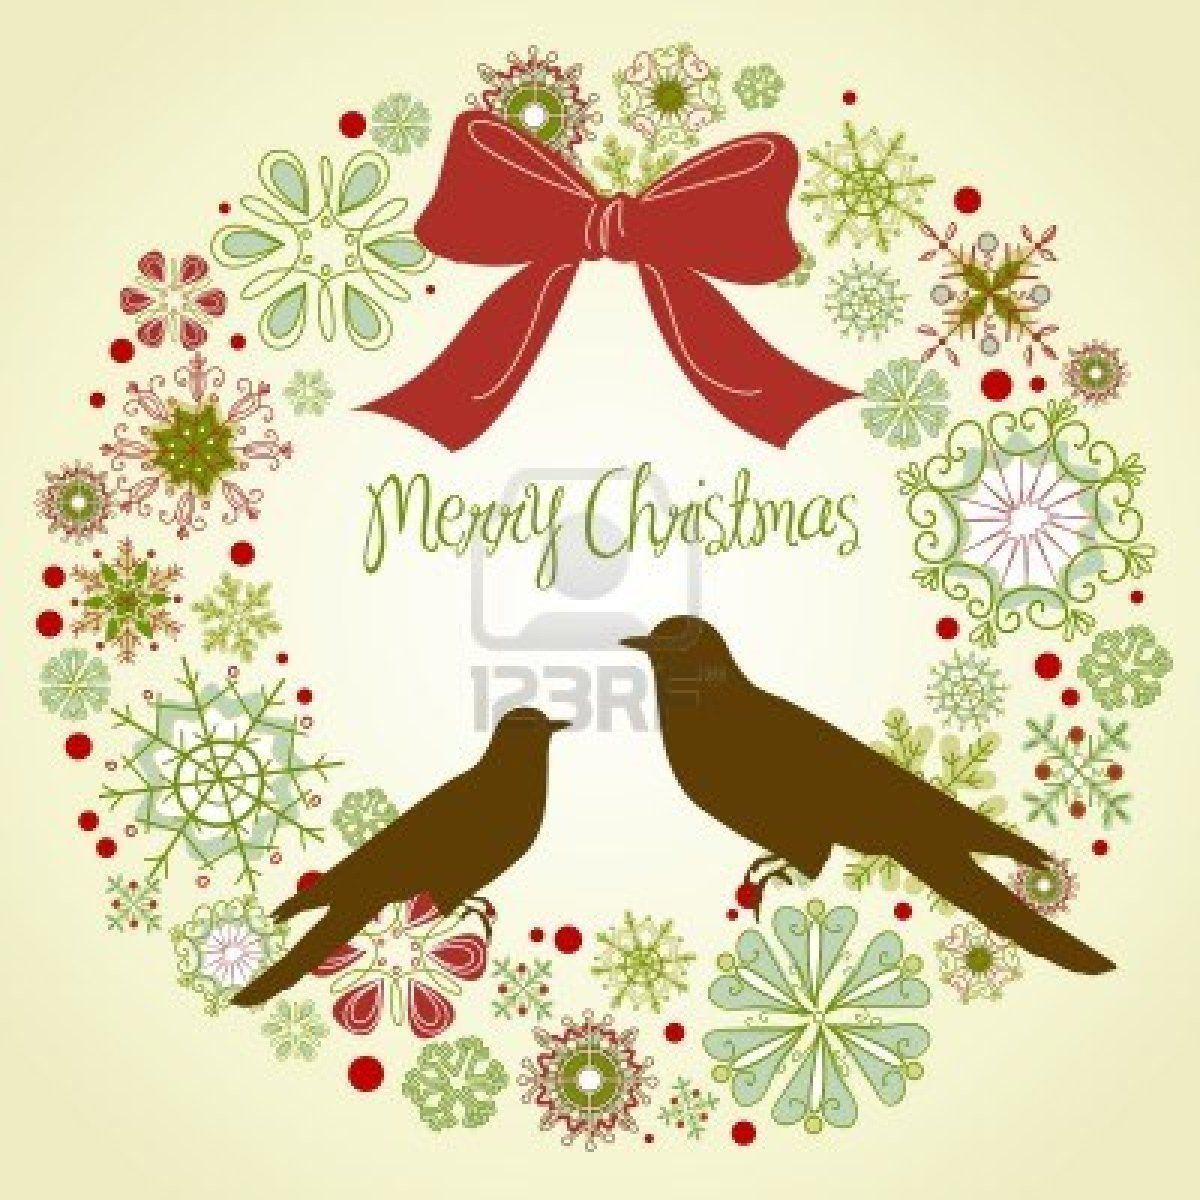 イラスト - ビンテージ クリスマス リースと 2 羽の鳥 | ロゴ